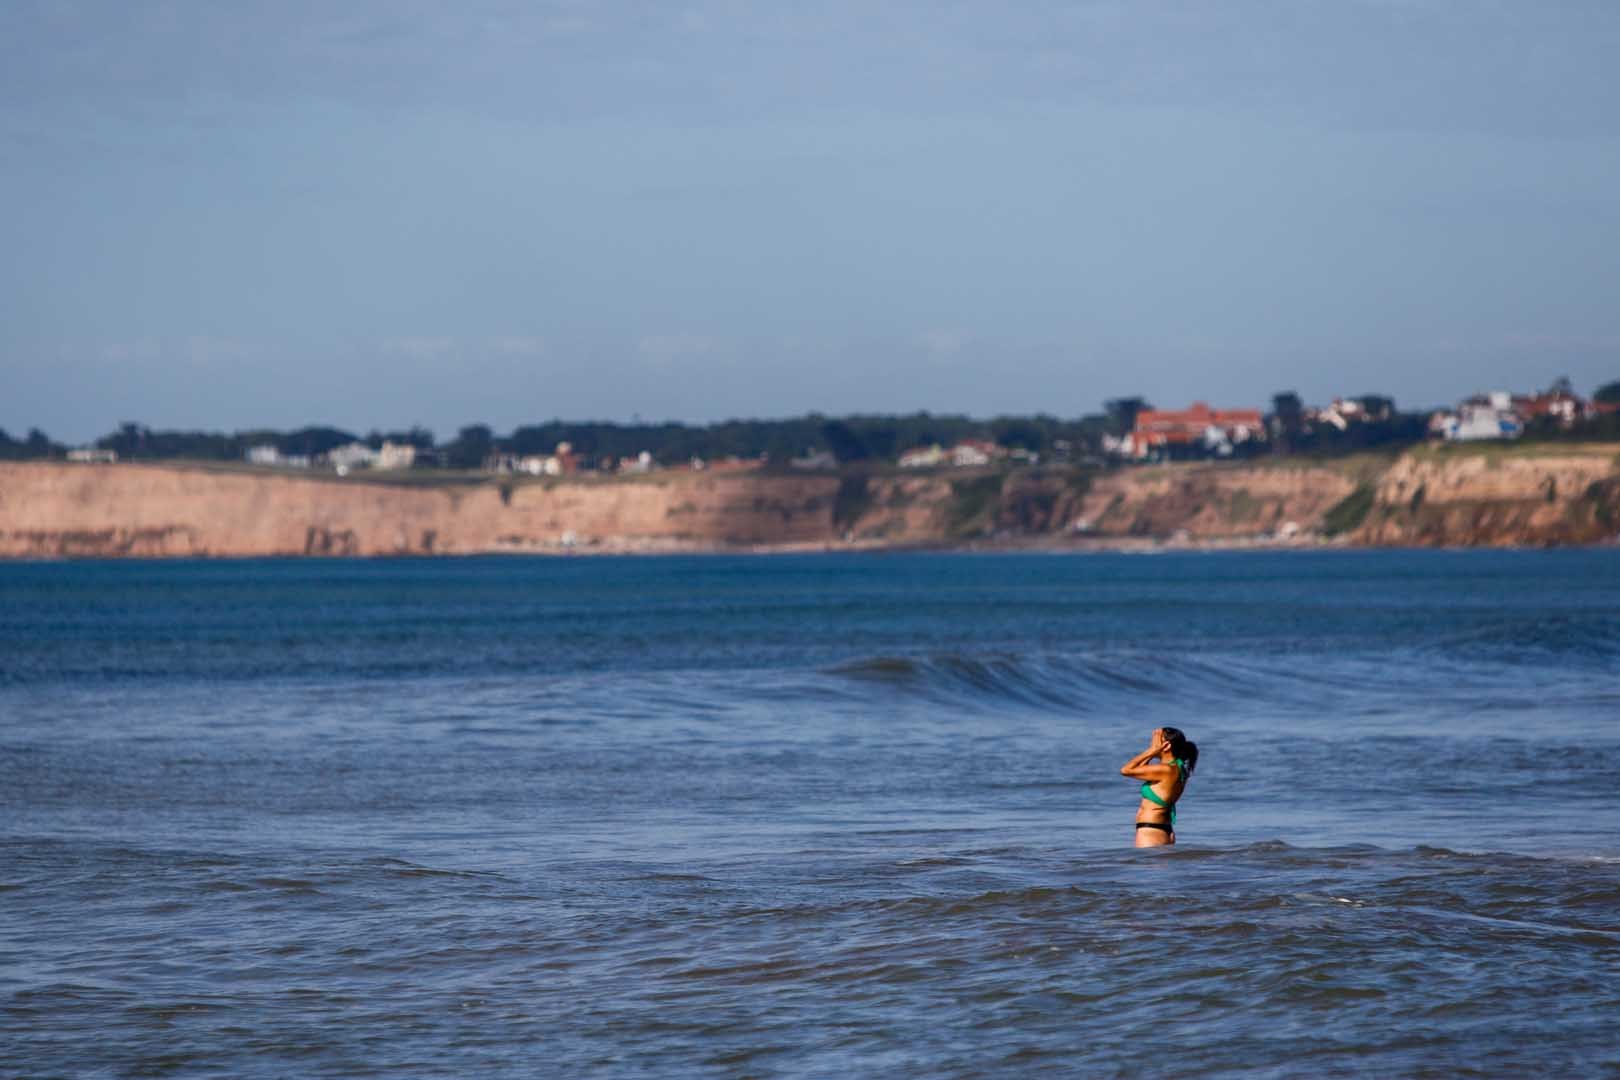 Los días también beneficiaron al turismo en cuanto a la posibilidad de bañarse en el mar, el cual se mantuvo calmo y sin complicaciones